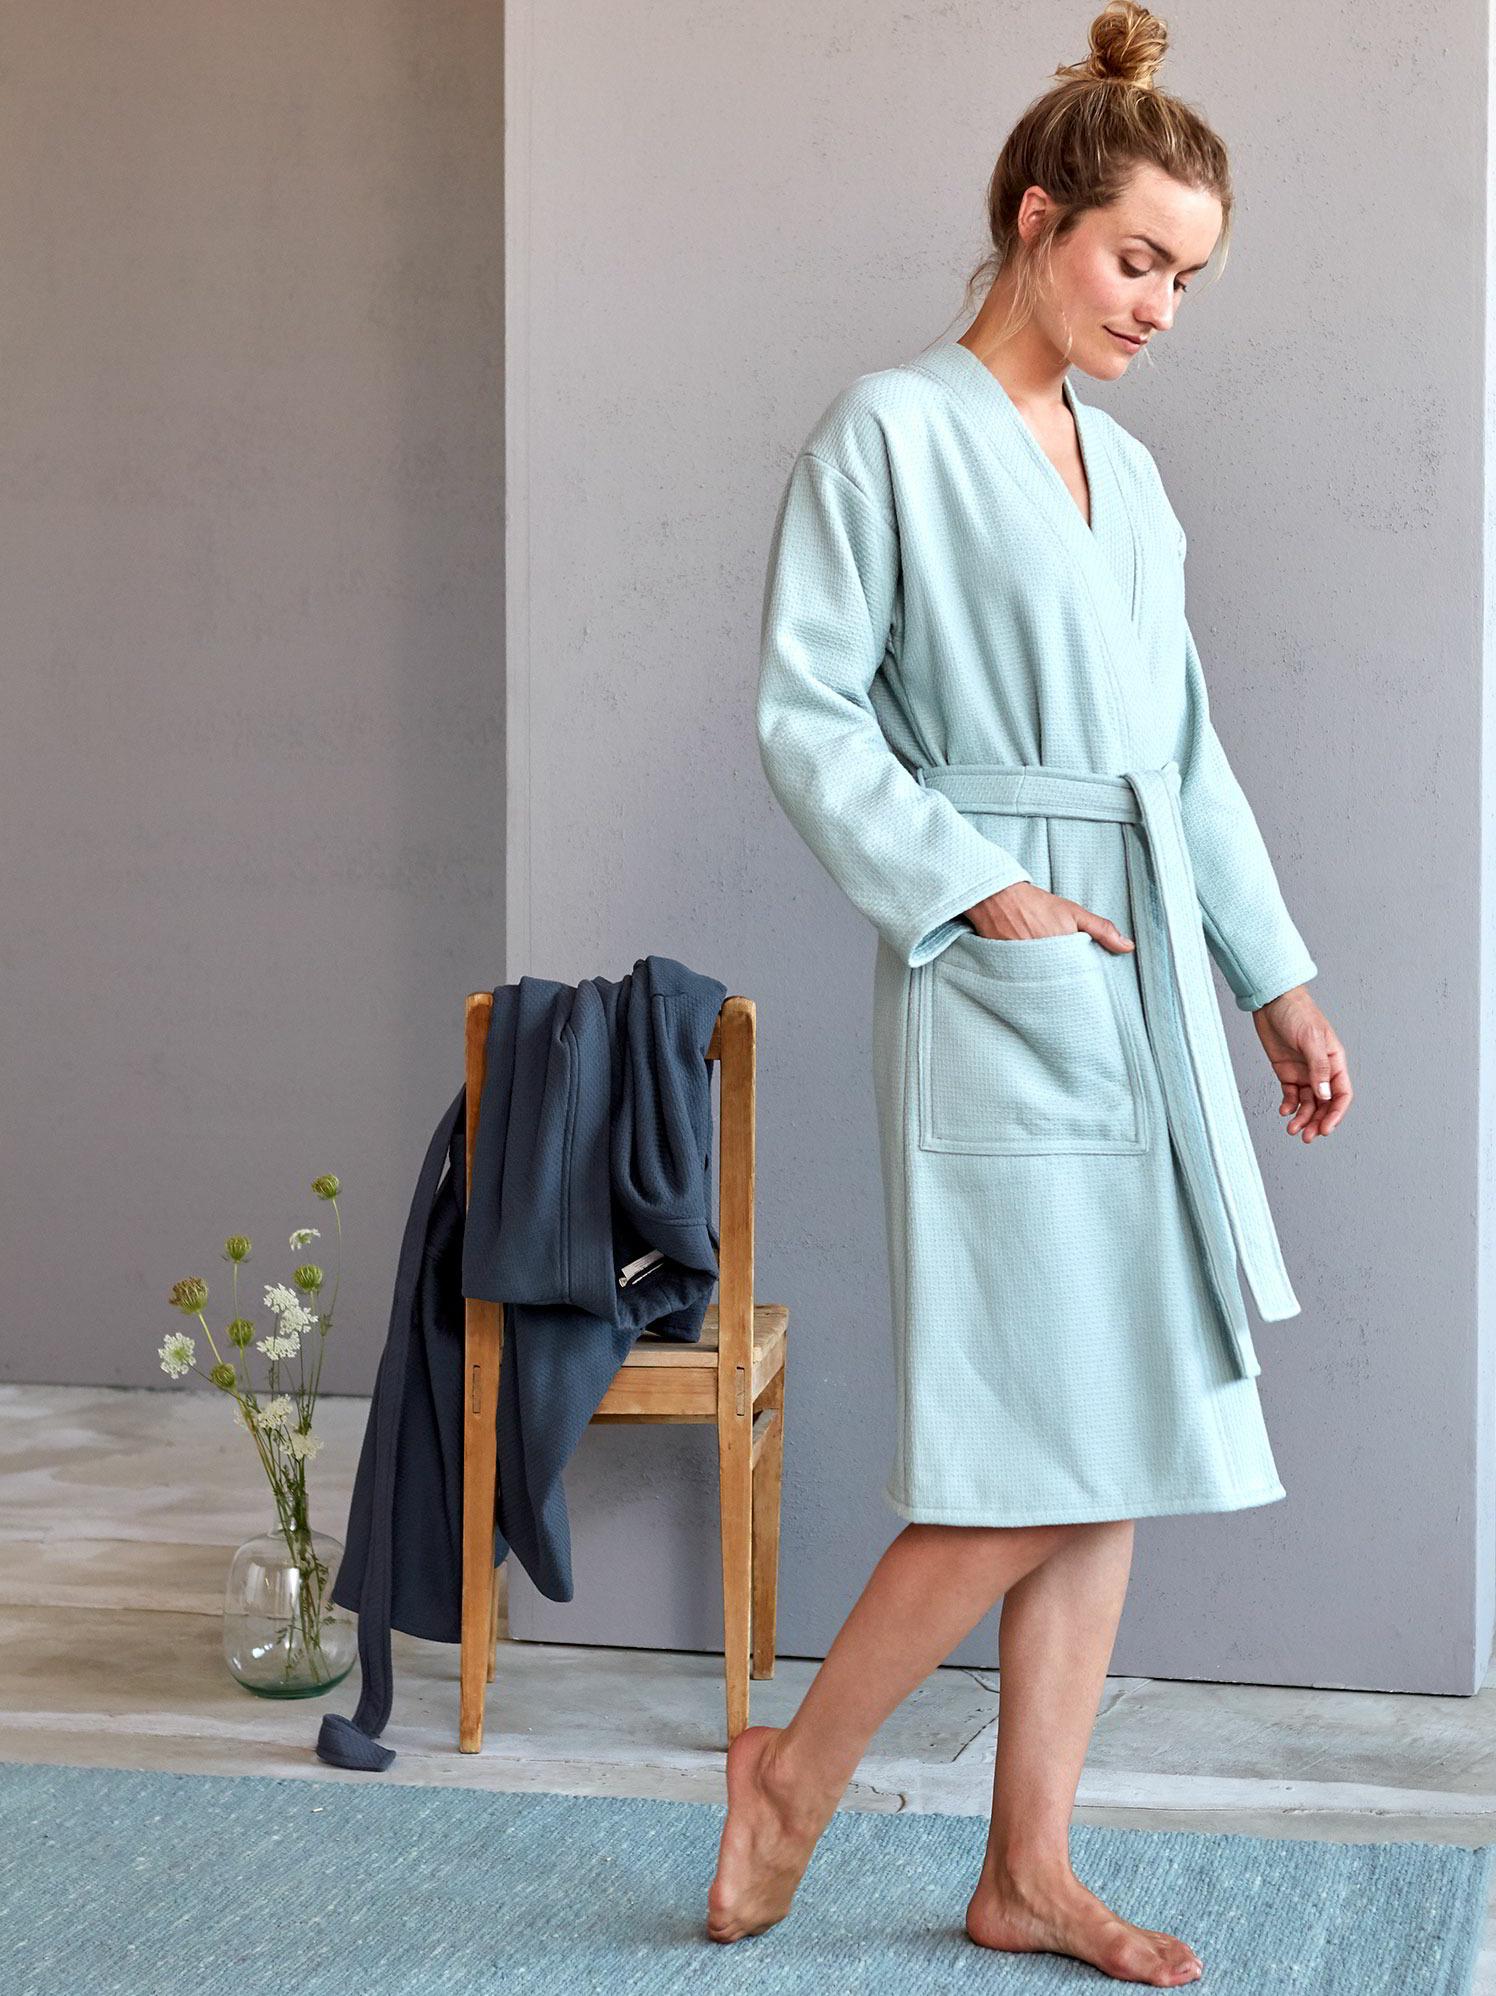 50% Preis billiger Verkauf neueste art Bademantel Waben-Struktur Damen, 100 % Baumwolle, GOTS